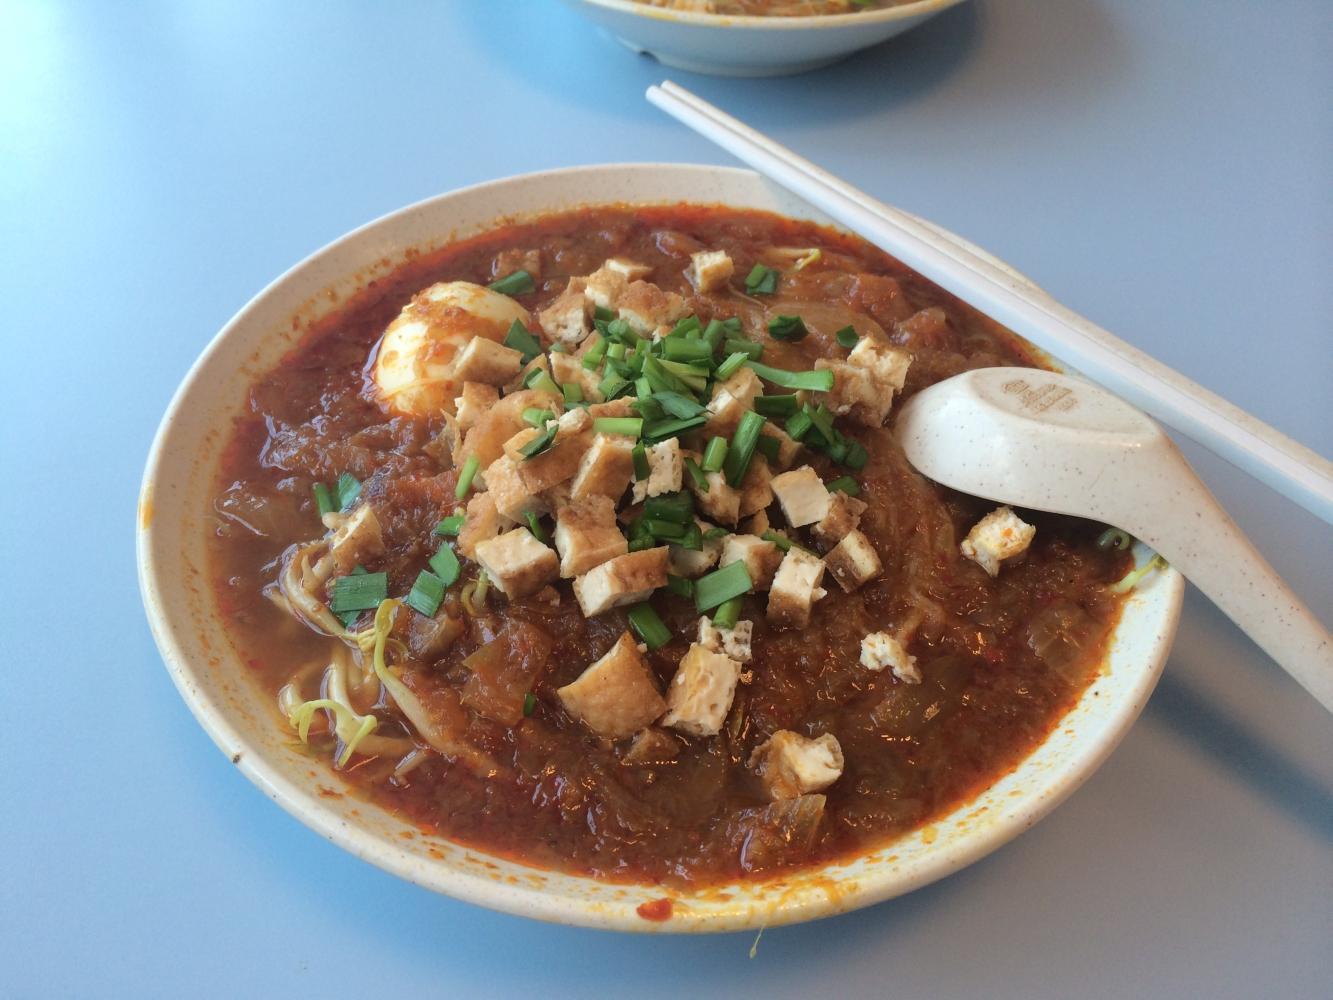 Nonya Mee Siam - Singapurianisches Nudelgericht mit Tofu, gekochtem Ei, Sprossen, Garnelenpaste und Bratensoße